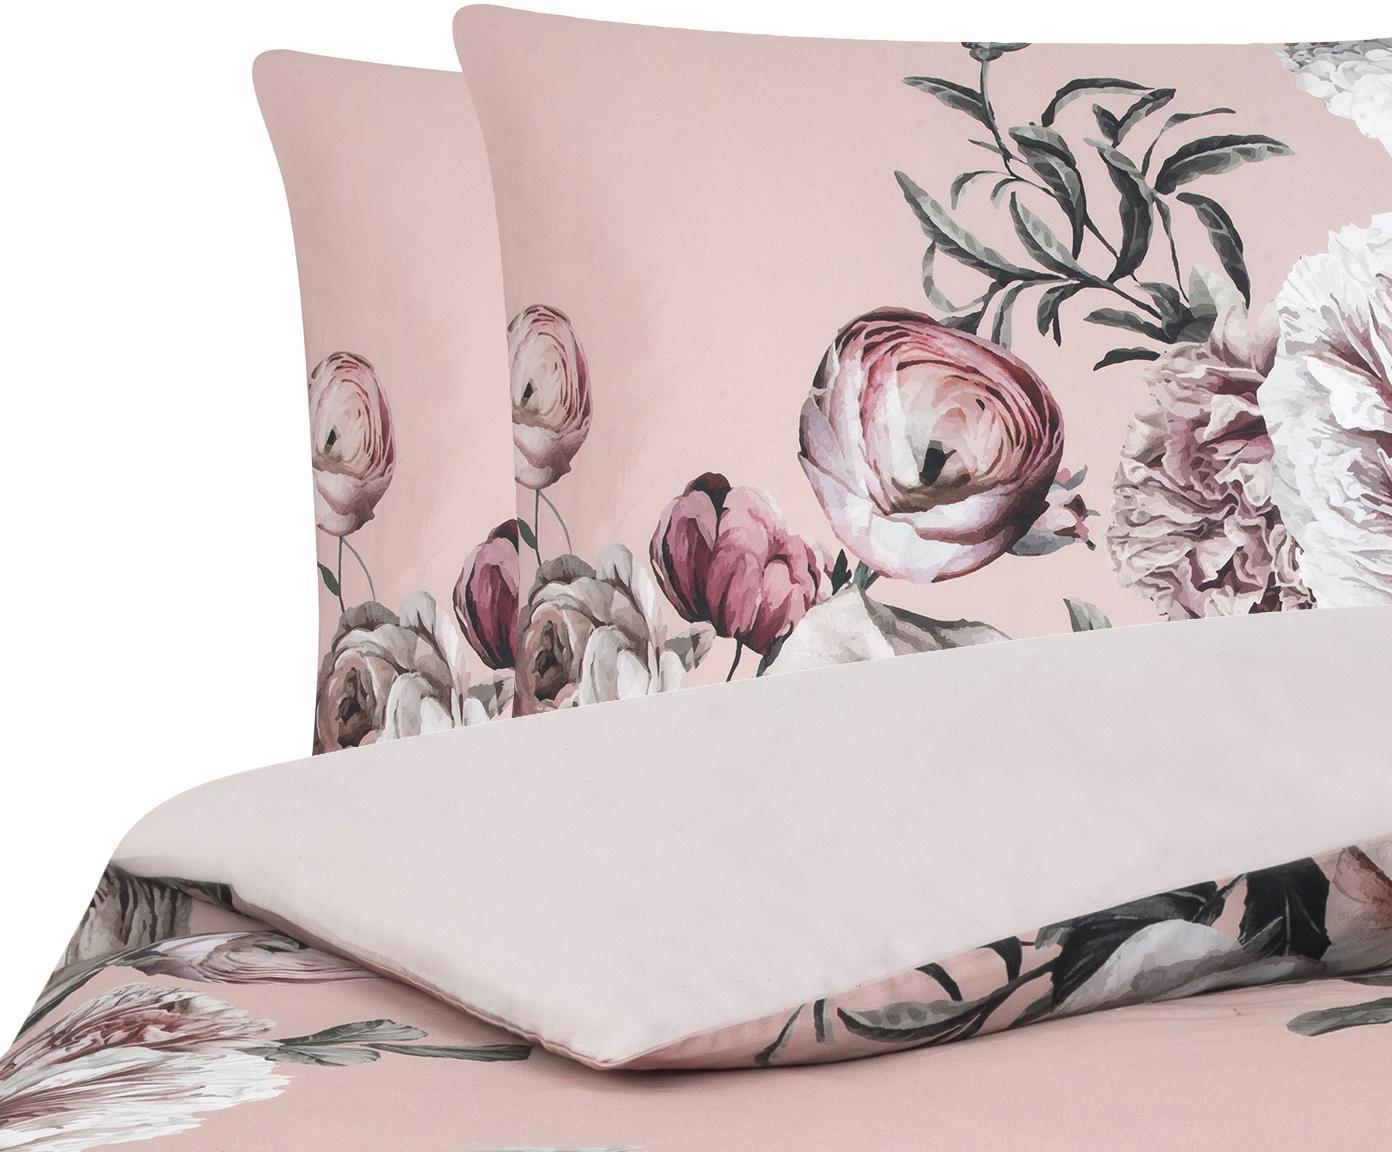 Baumwollsatin-Bettwäsche Blossom mit Blumen-Print, Webart: Satin Fadendichte 210 TC,, Mehrfarbig, Rosa, 240 x 220 cm + 2 Kissen 80 x 80 cm